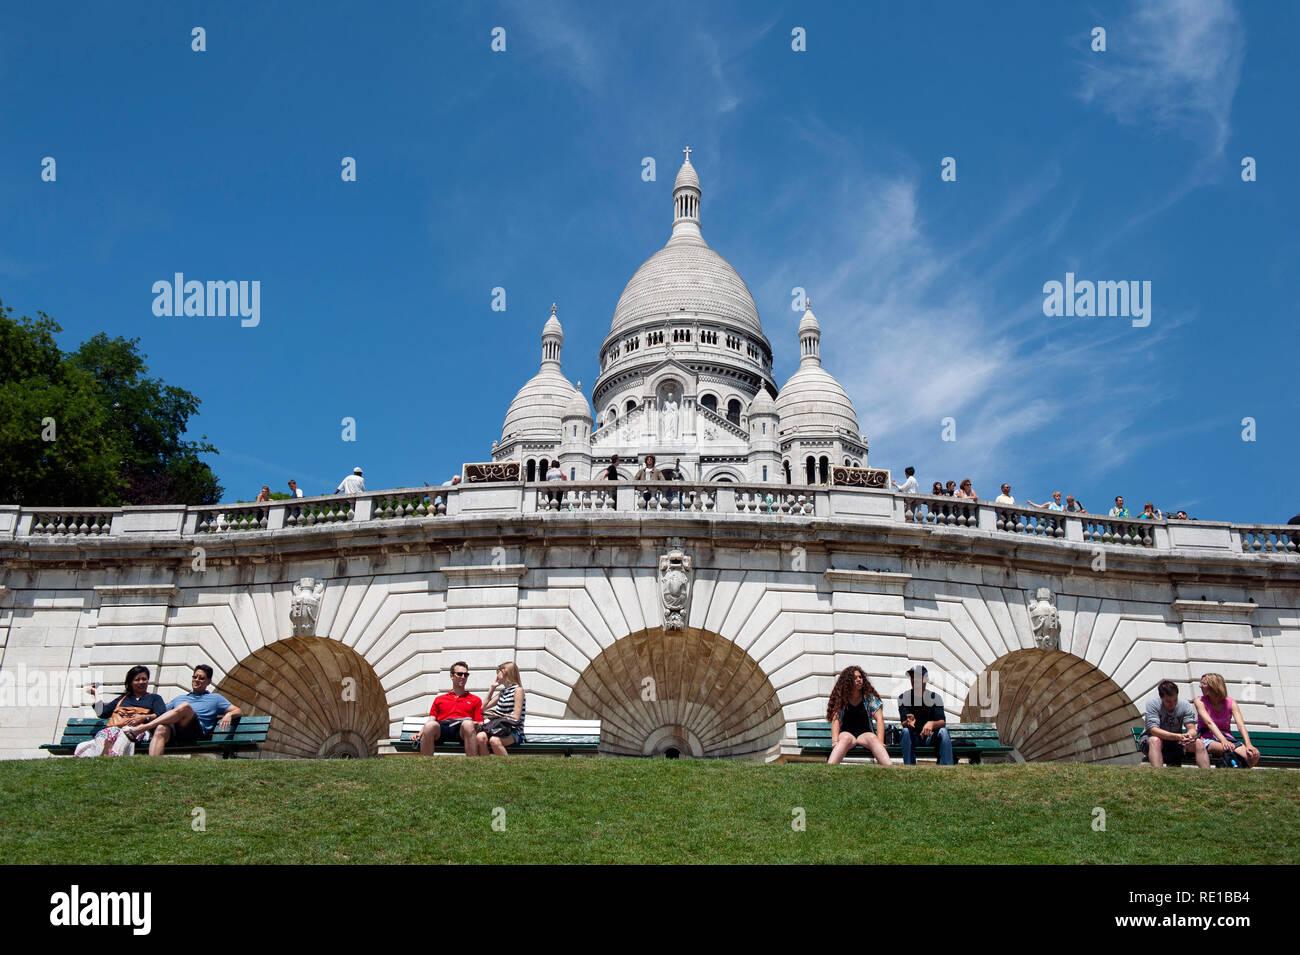 A general view of Sacre Coeur, Montmatre, Paris, France - Stock Image